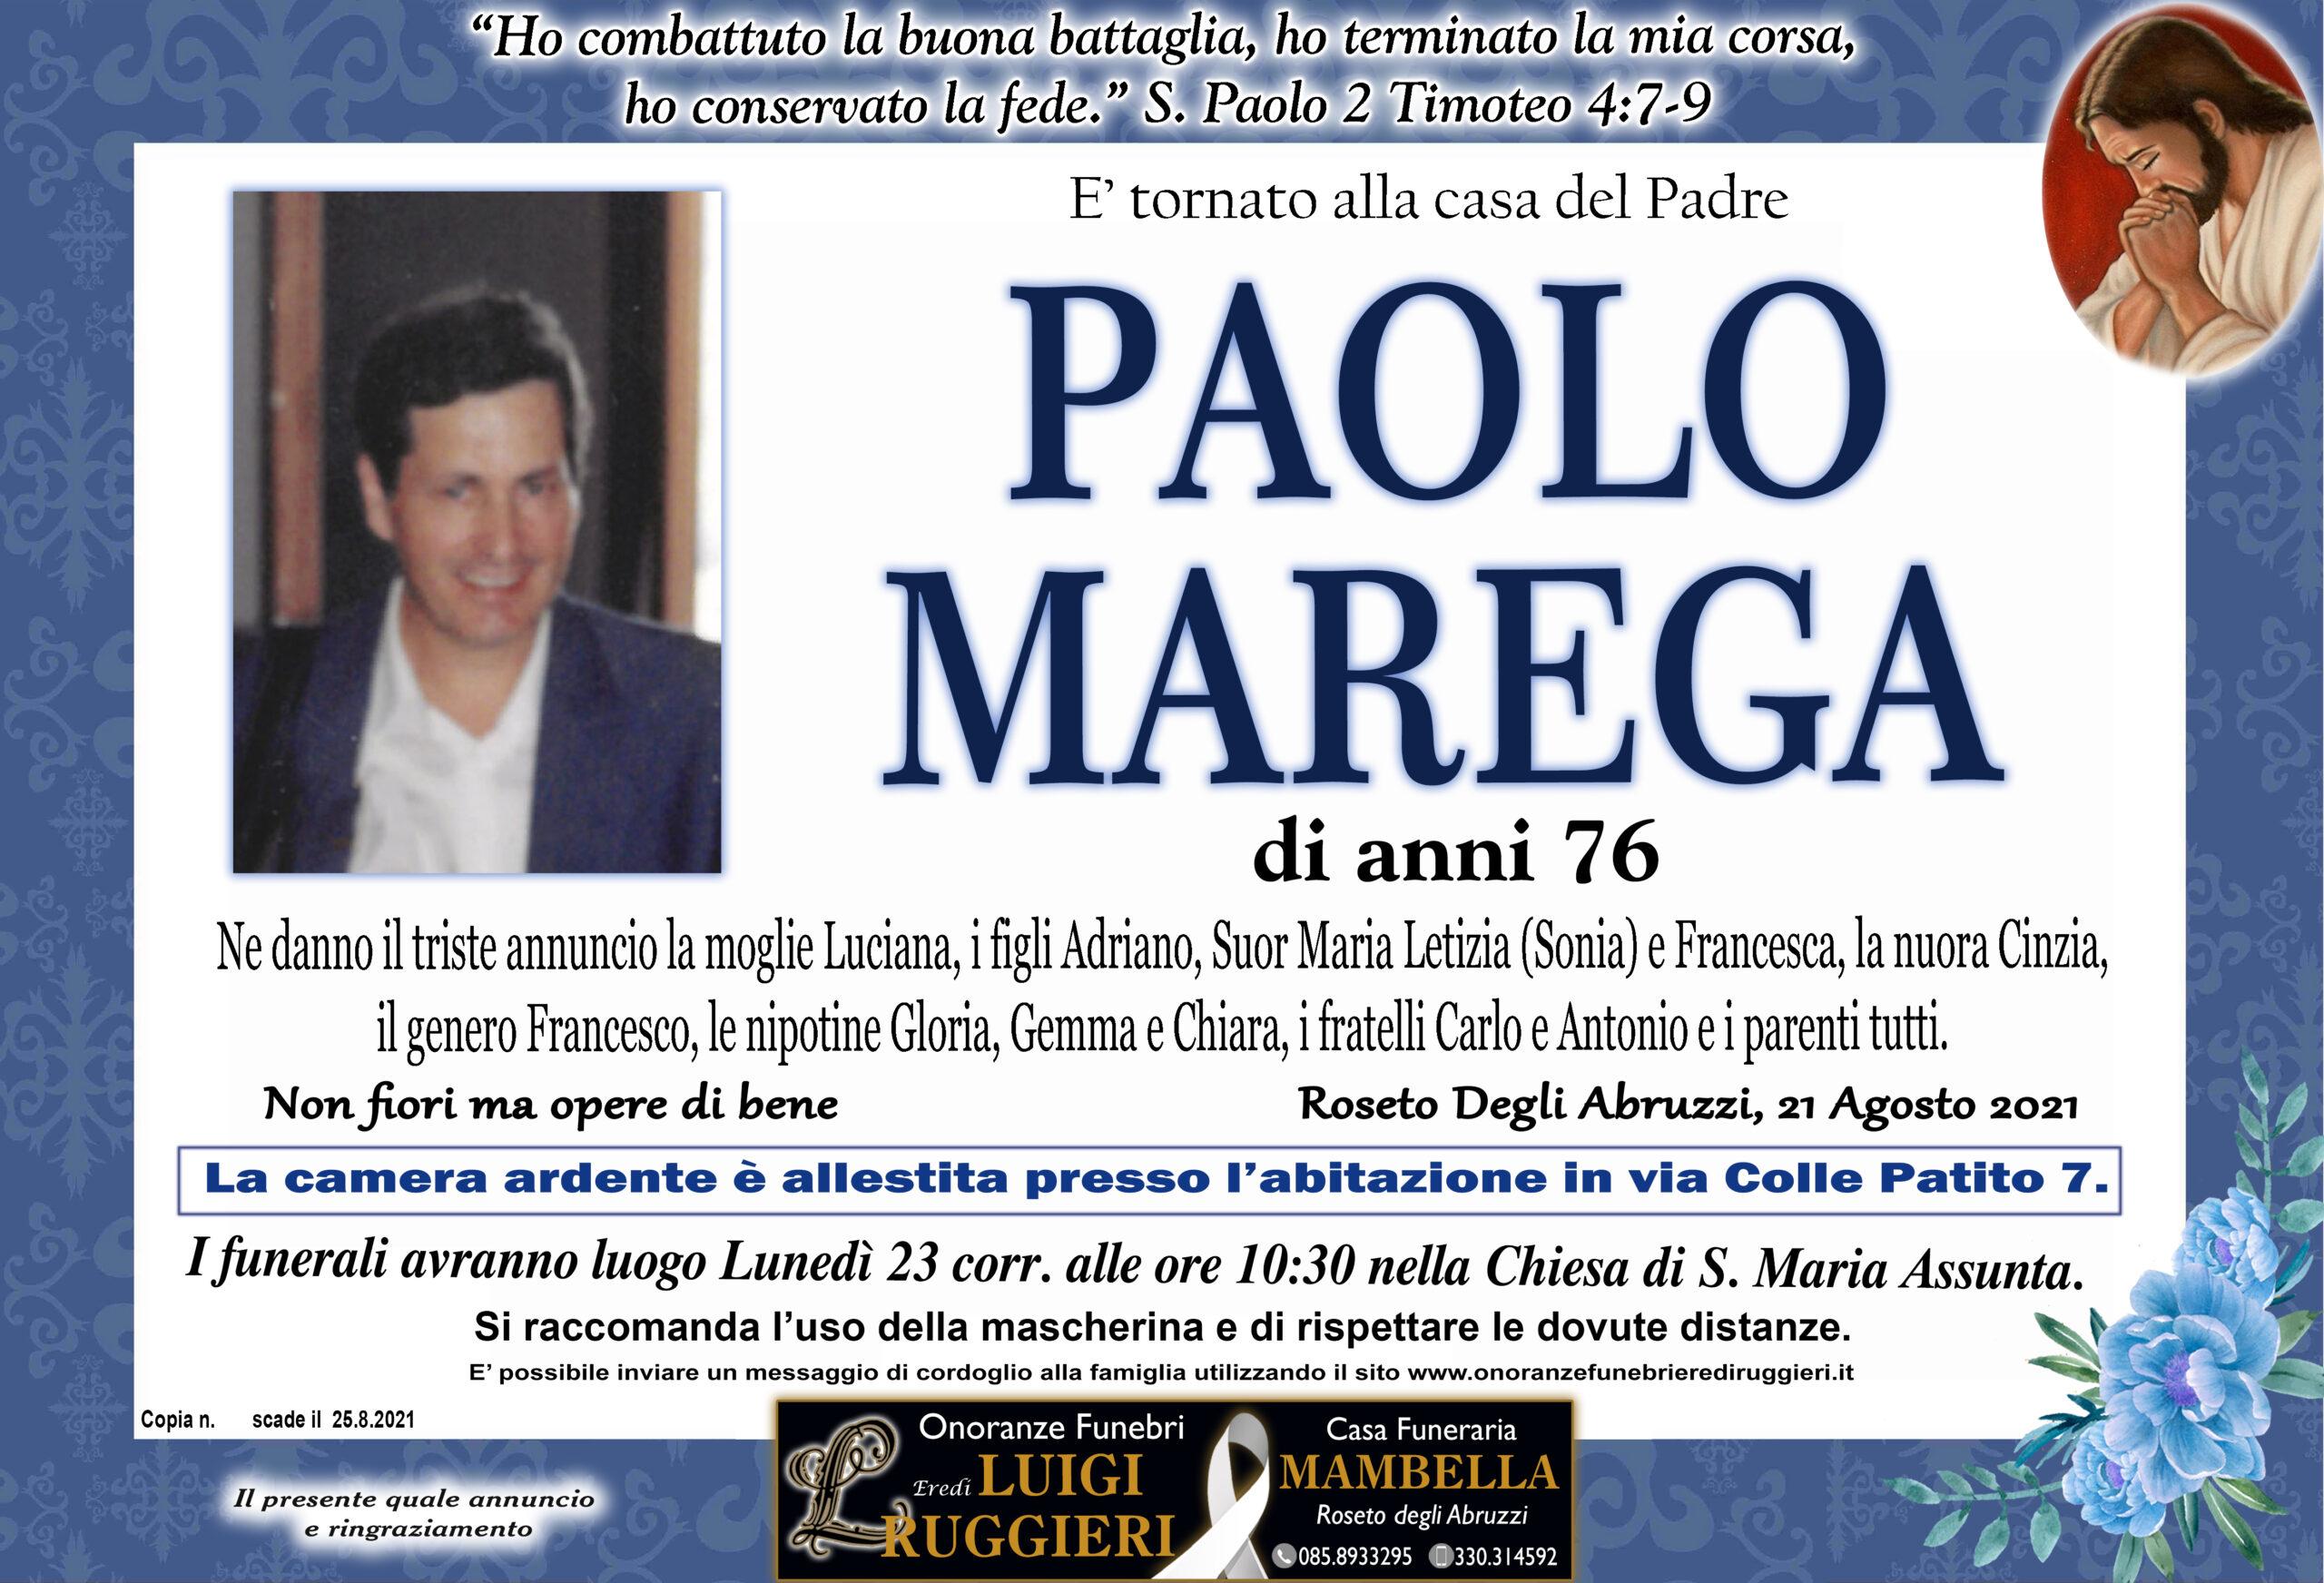 Paolo Marega